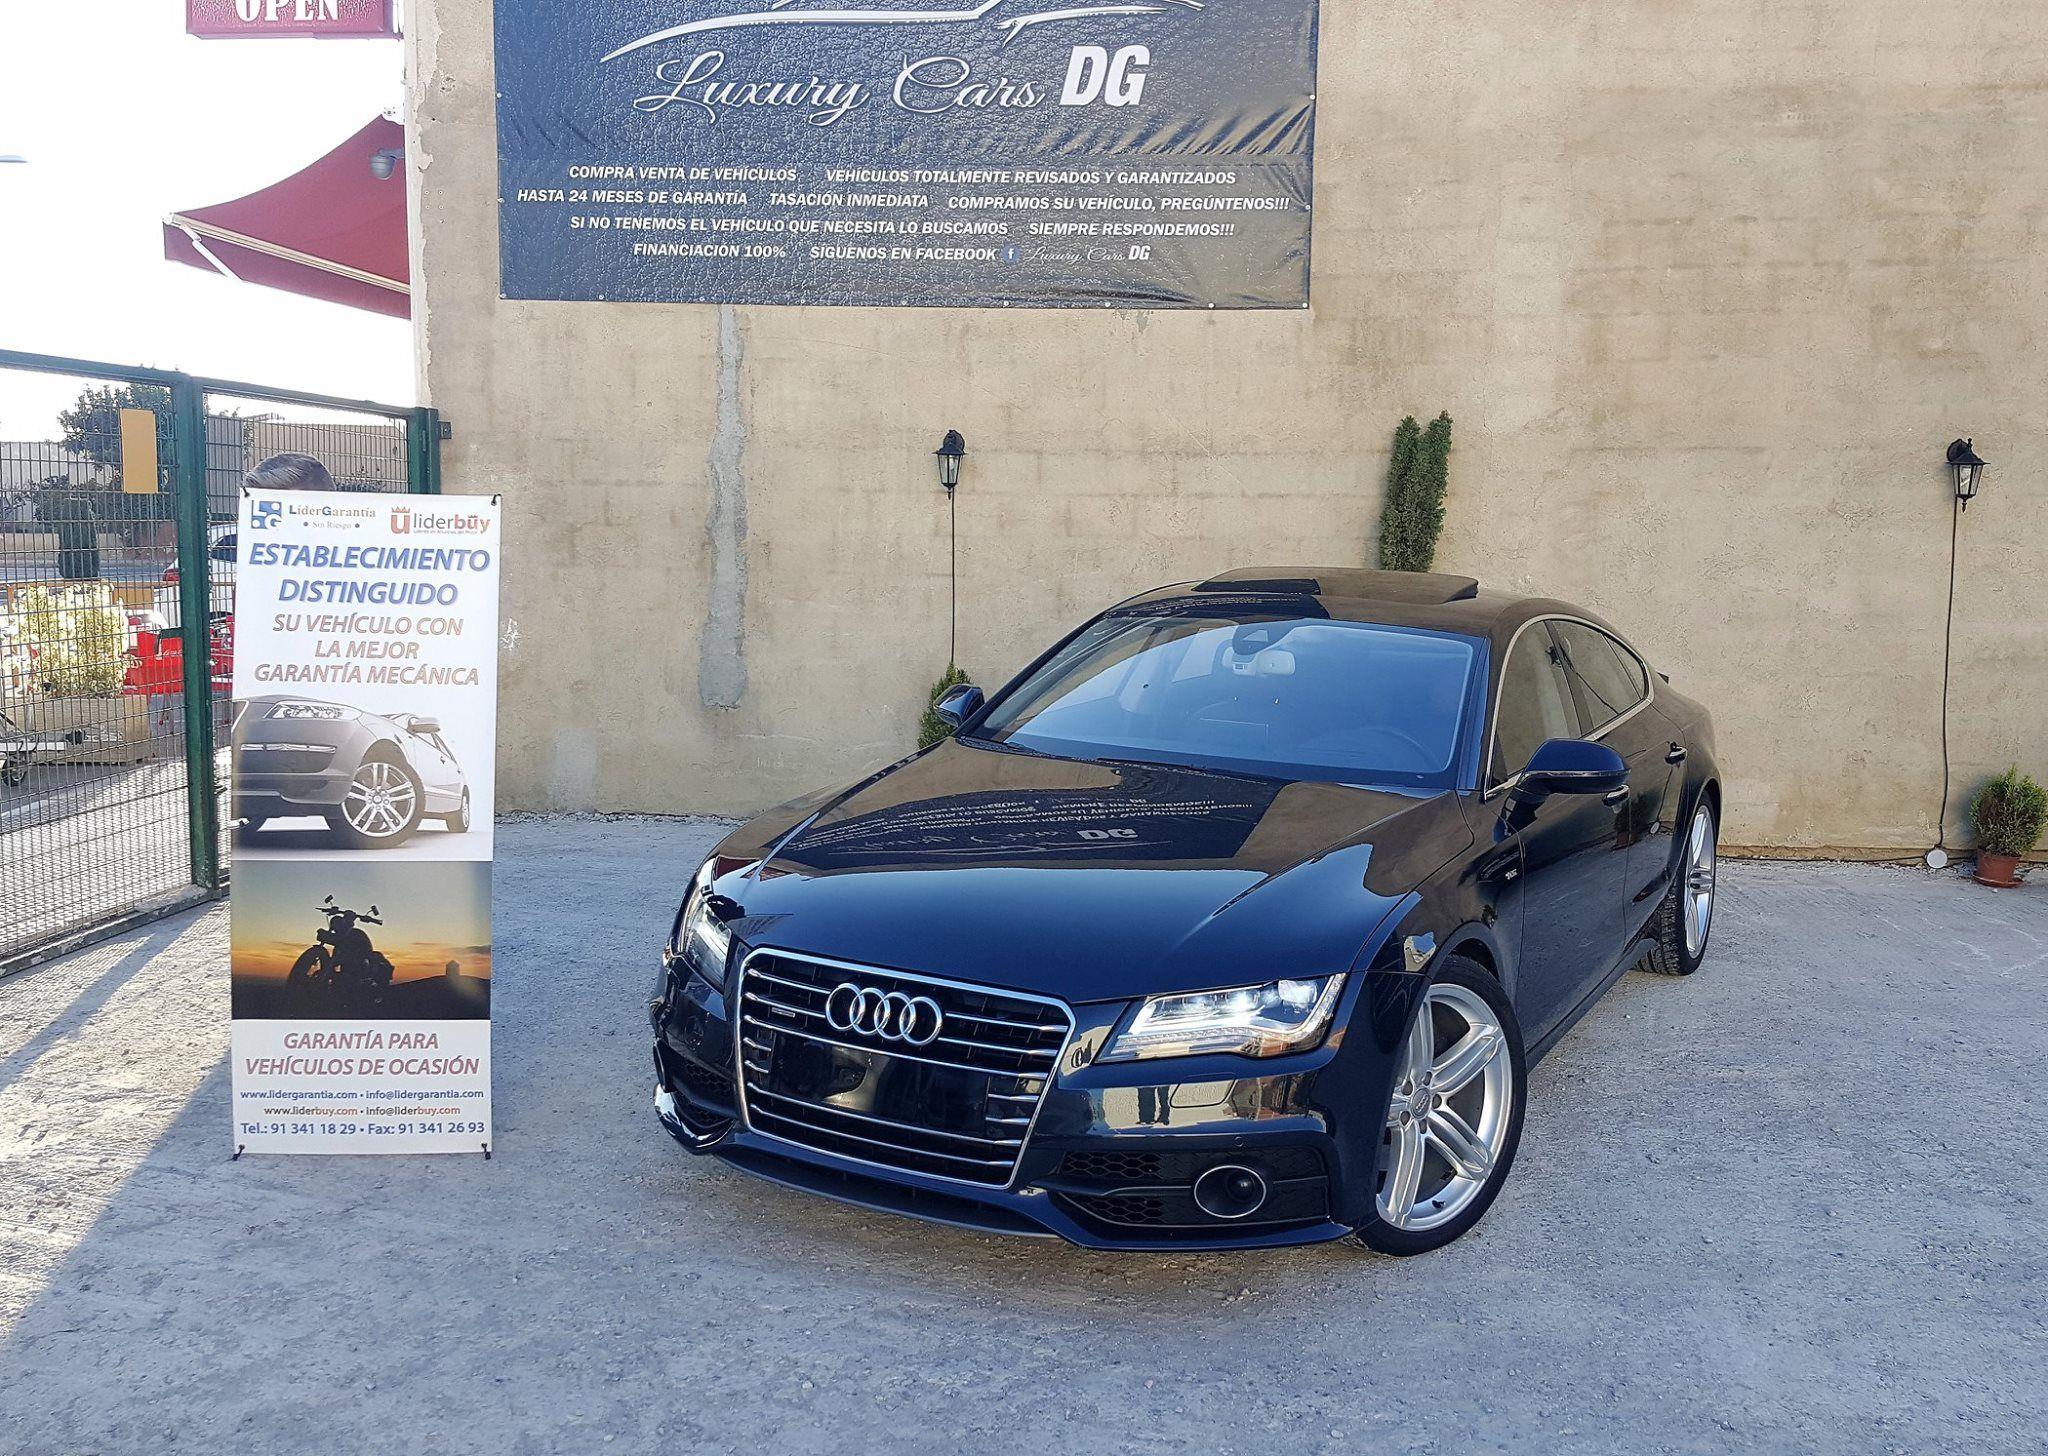 Foto 32 de Compraventa de automóviles en Vera | Luxury Cars DG